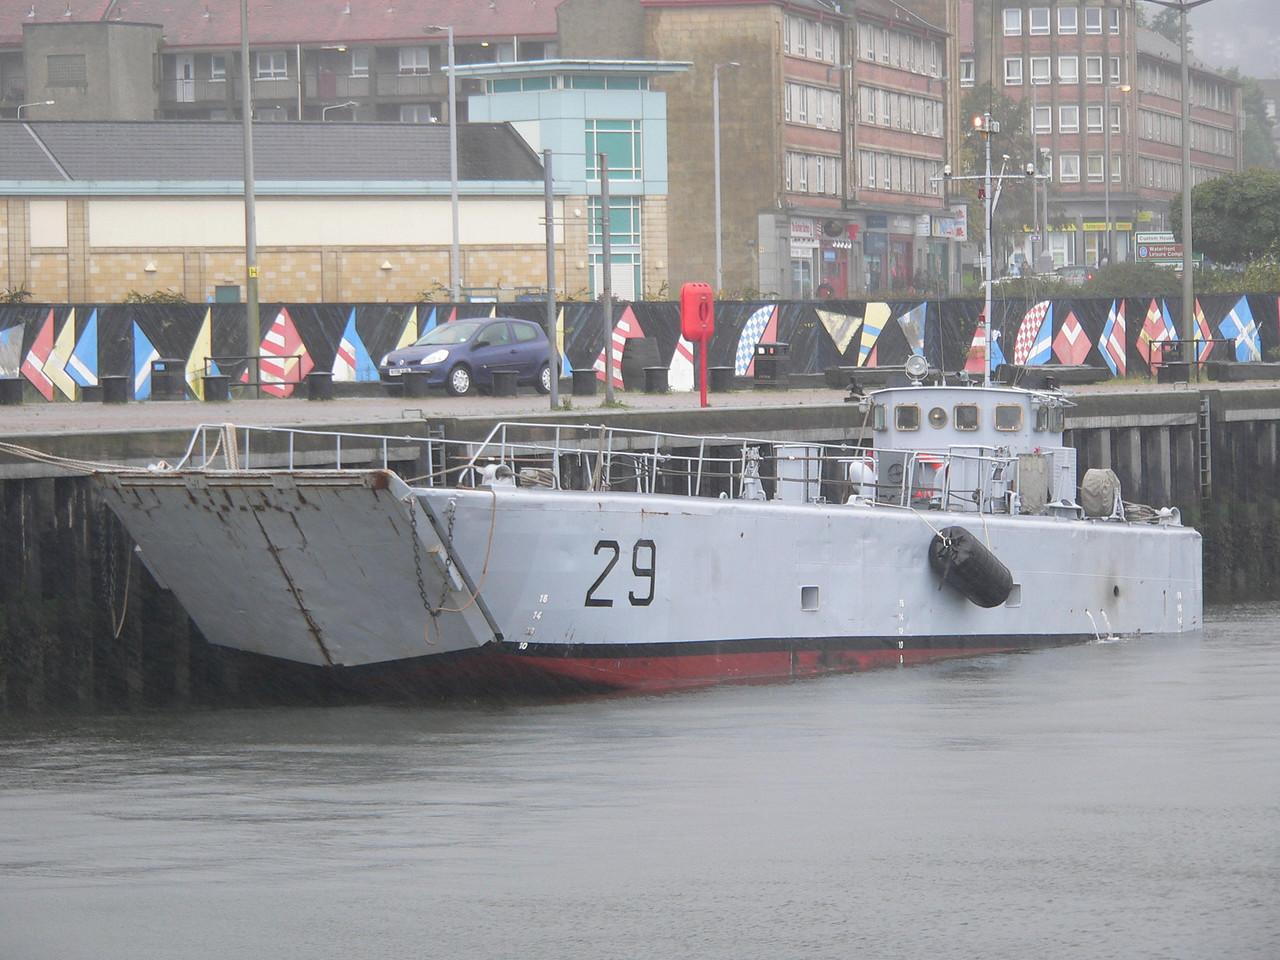 LCU-29 (FS TONNERRE)